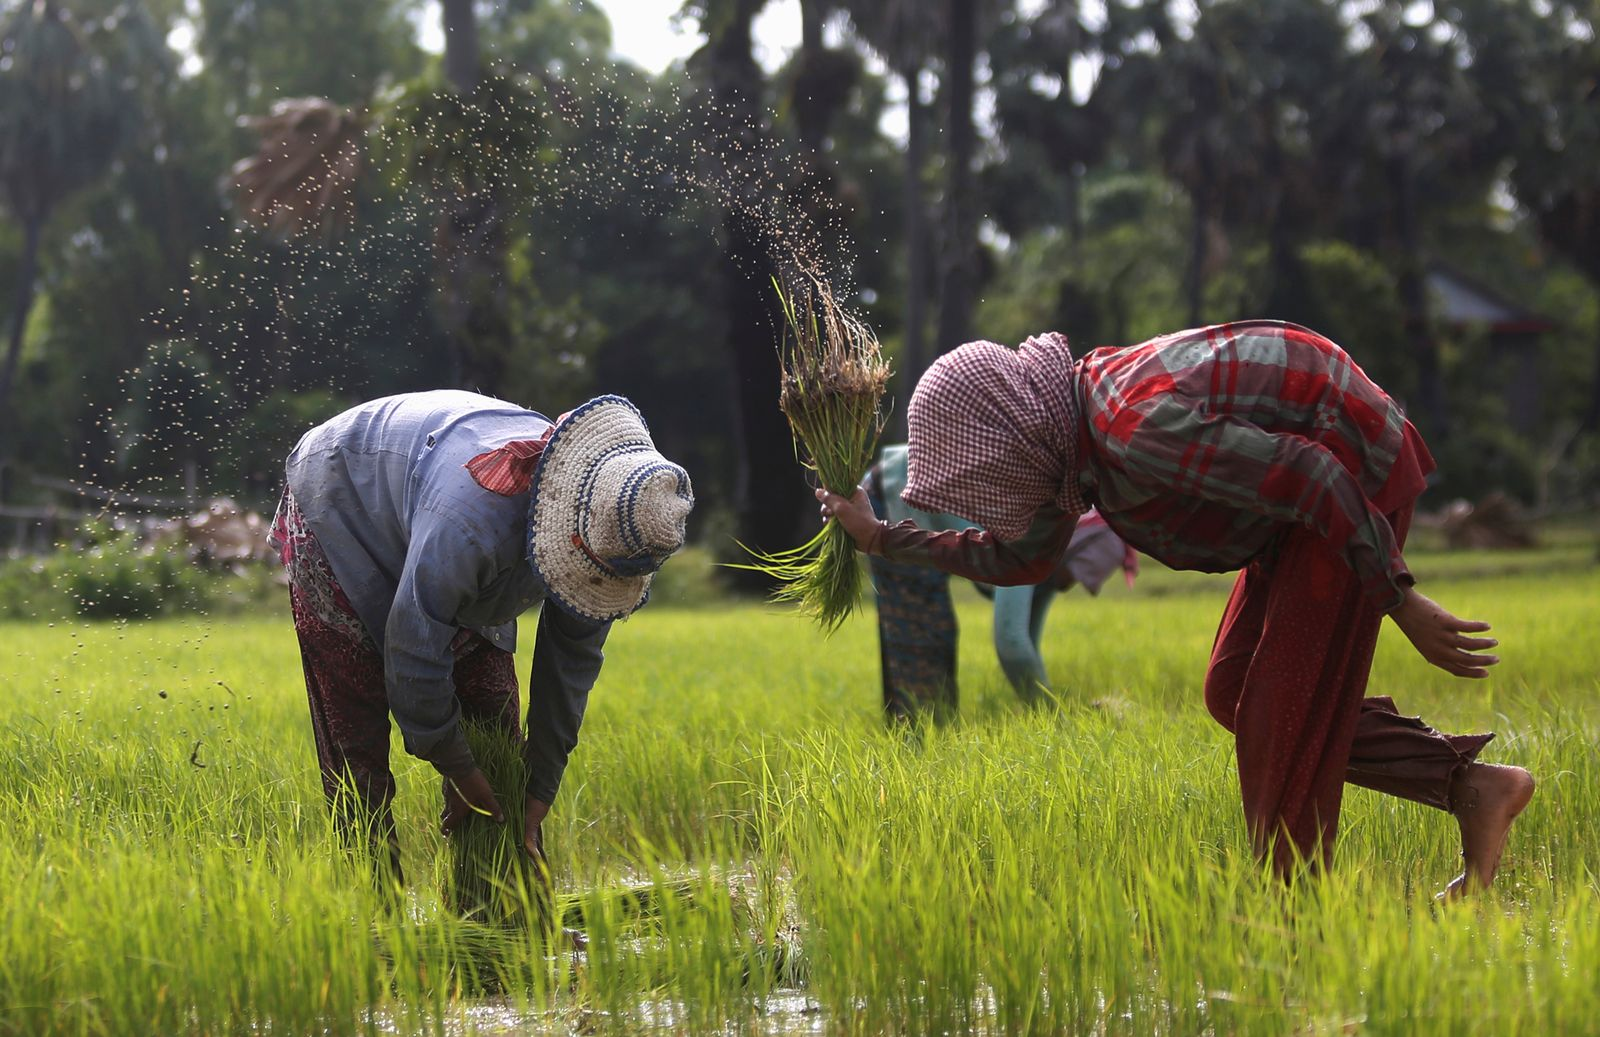 Kambodscha/ Bauern/ Landwirtschaft